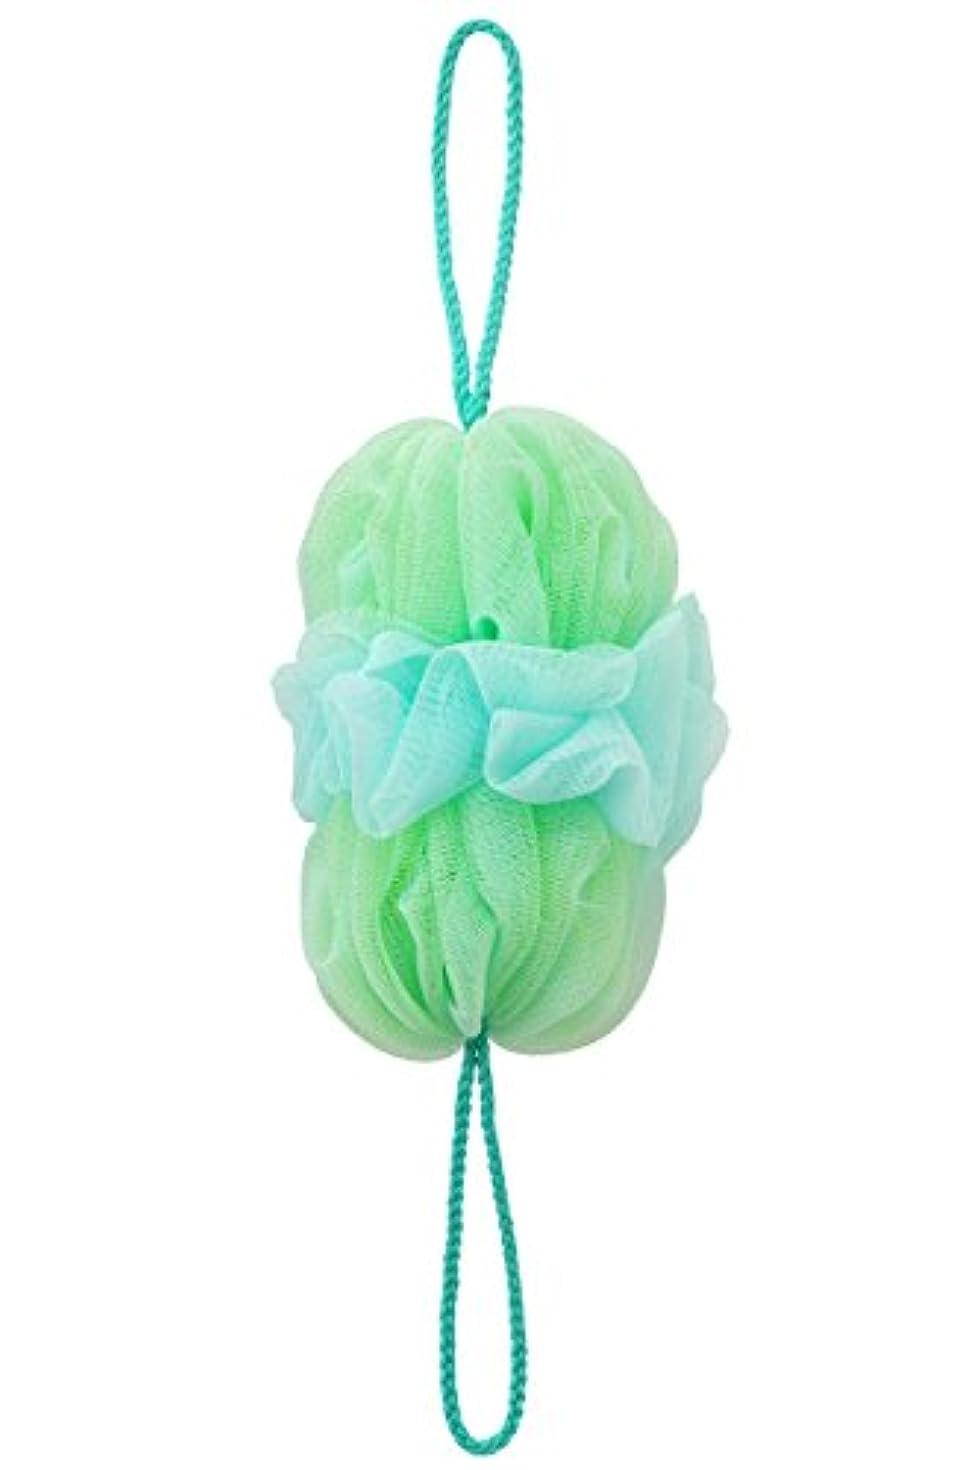 賞出血早熟マーナ(MARNA) 泡工場 背中も洗えるシャボンボール グリーン